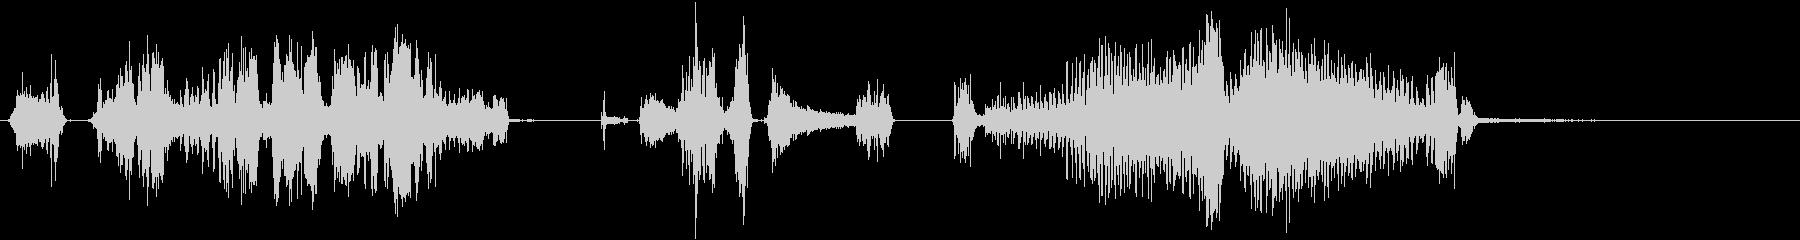 電気ドリル9の未再生の波形